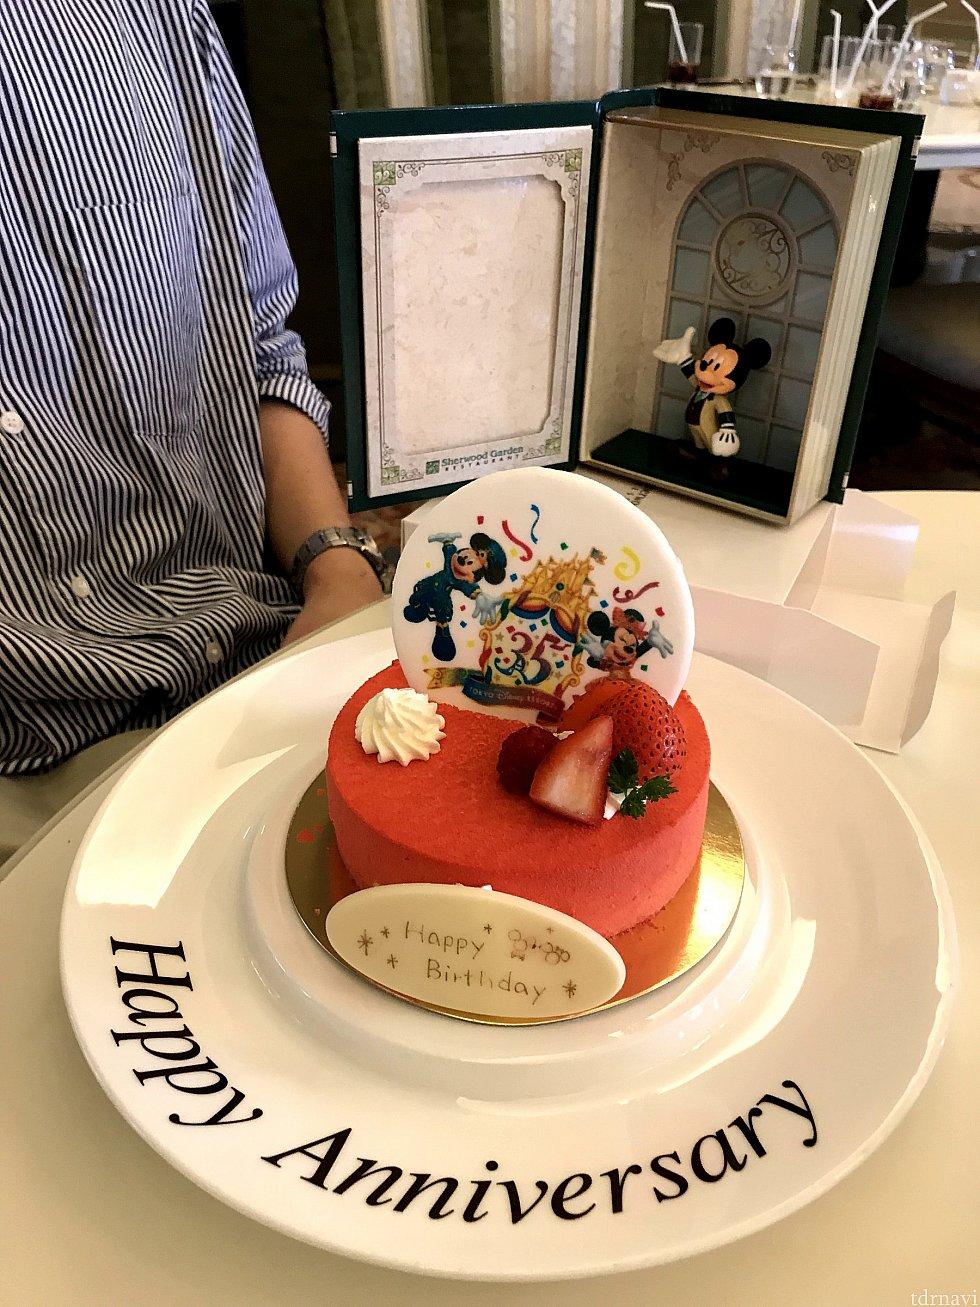 タラーン!35周年のプレートはお砂糖♪パリパリ ケーキの表面は、赤い粉だった!吹くと飛びます(笑)